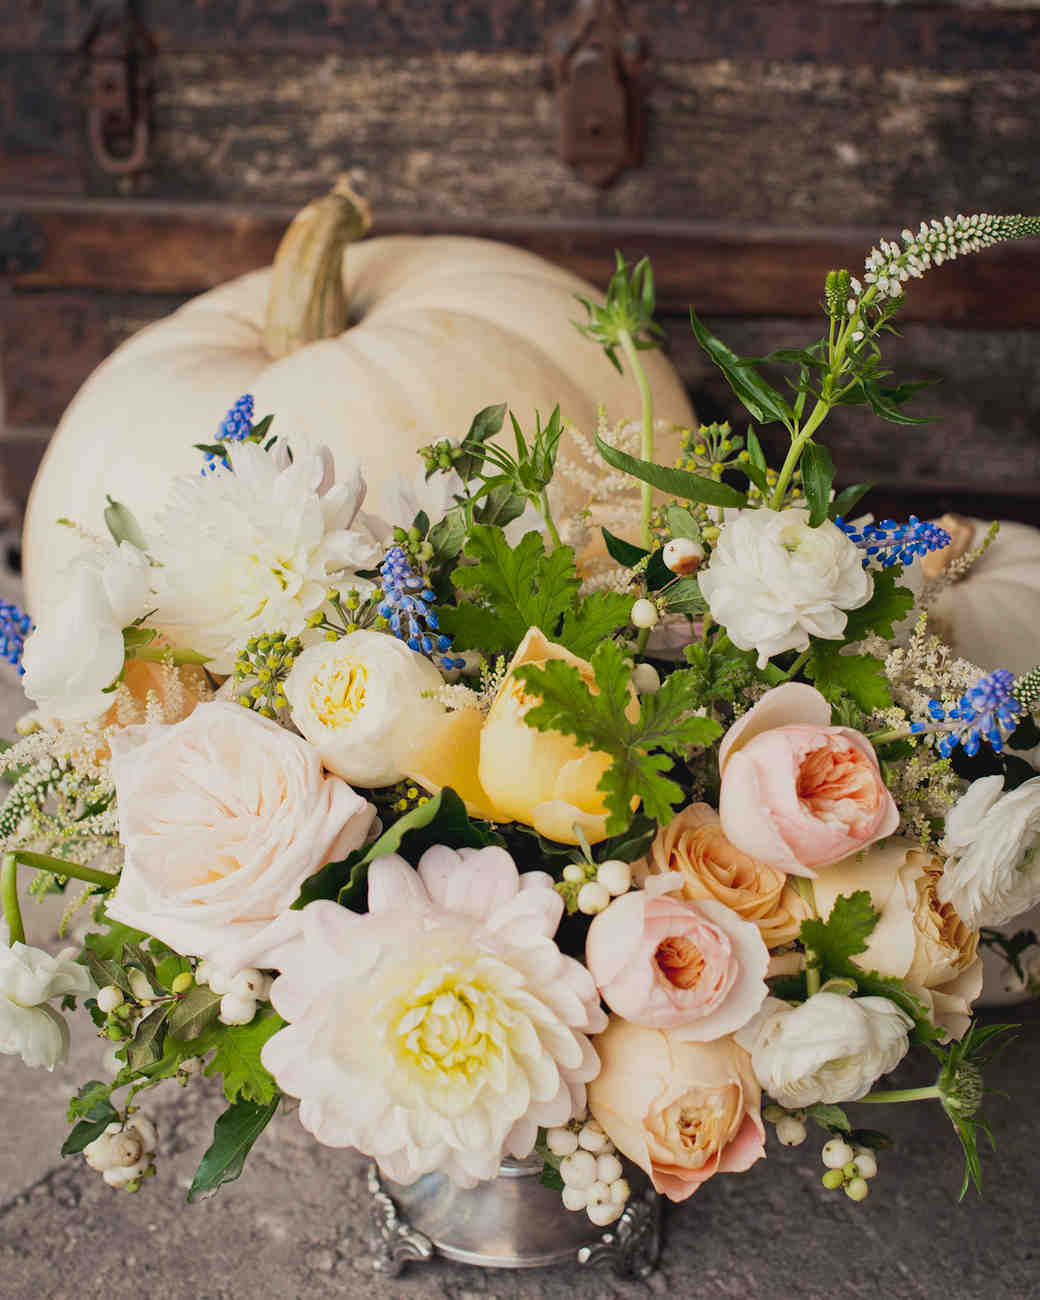 Fall Flower Arrangement and White Pumpkins